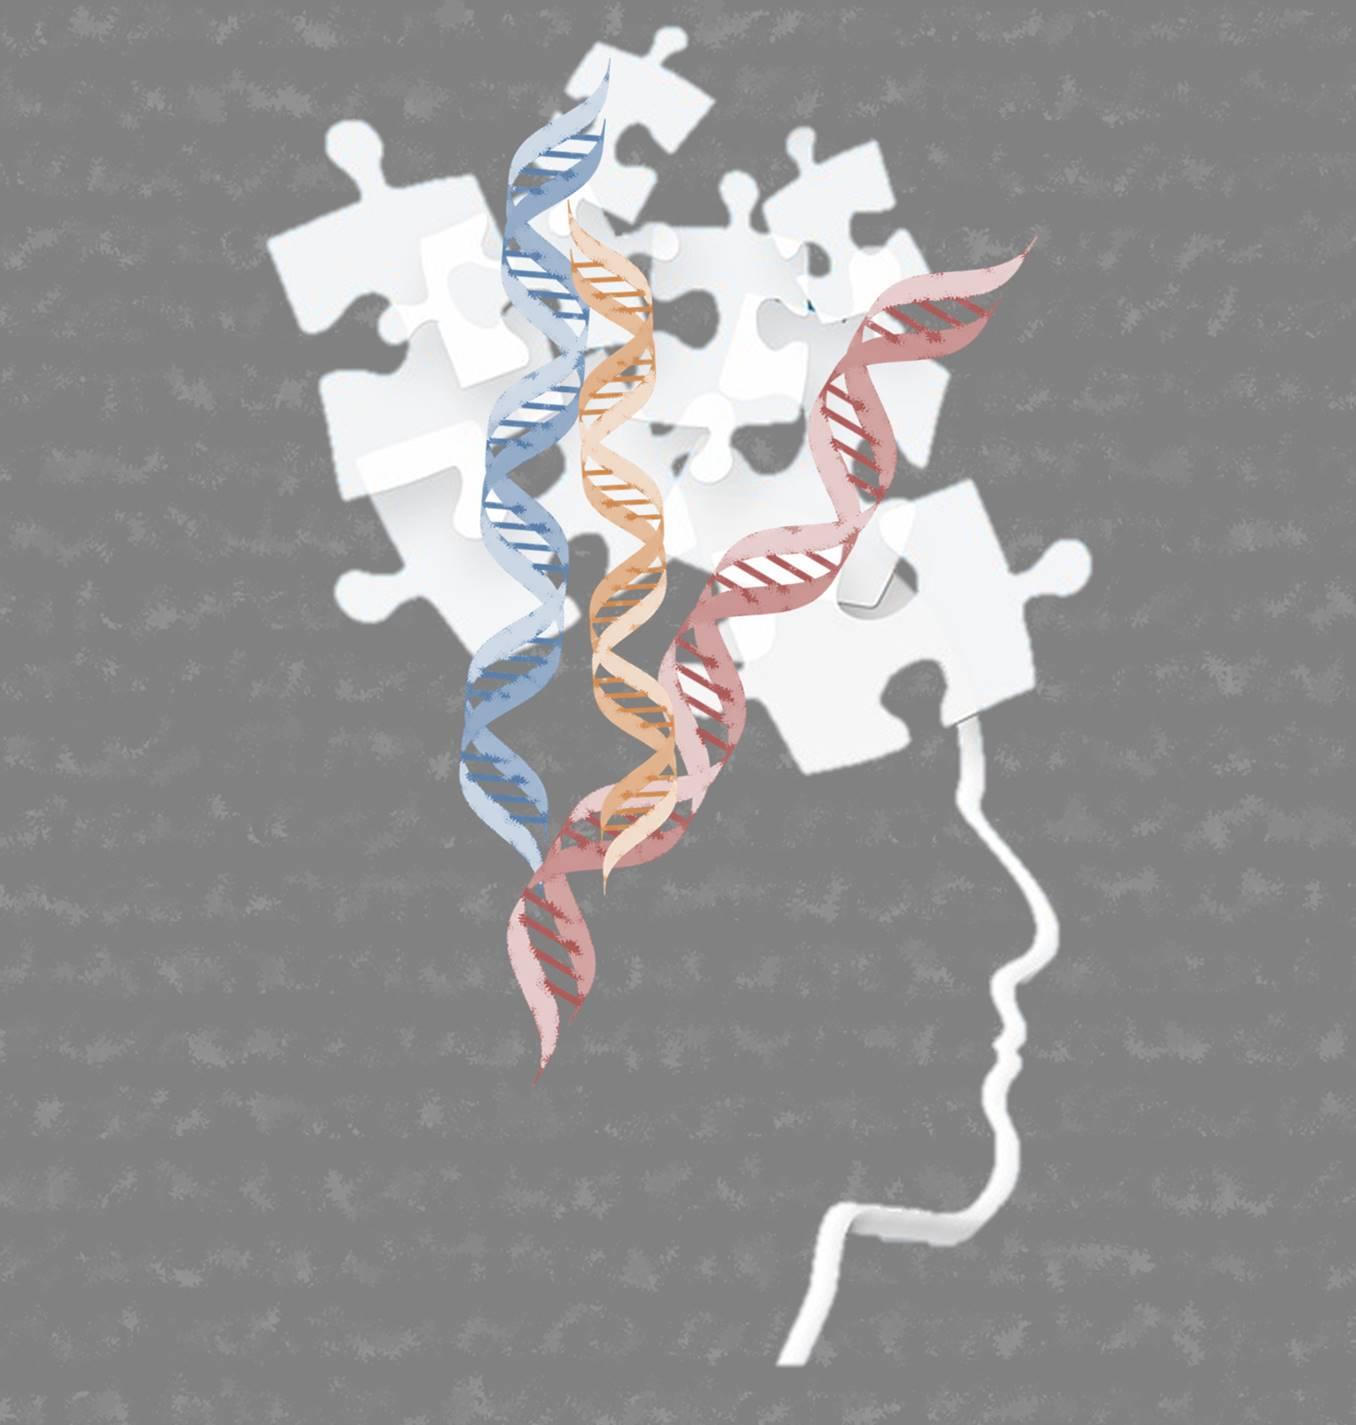 recombinación genética en neuronas